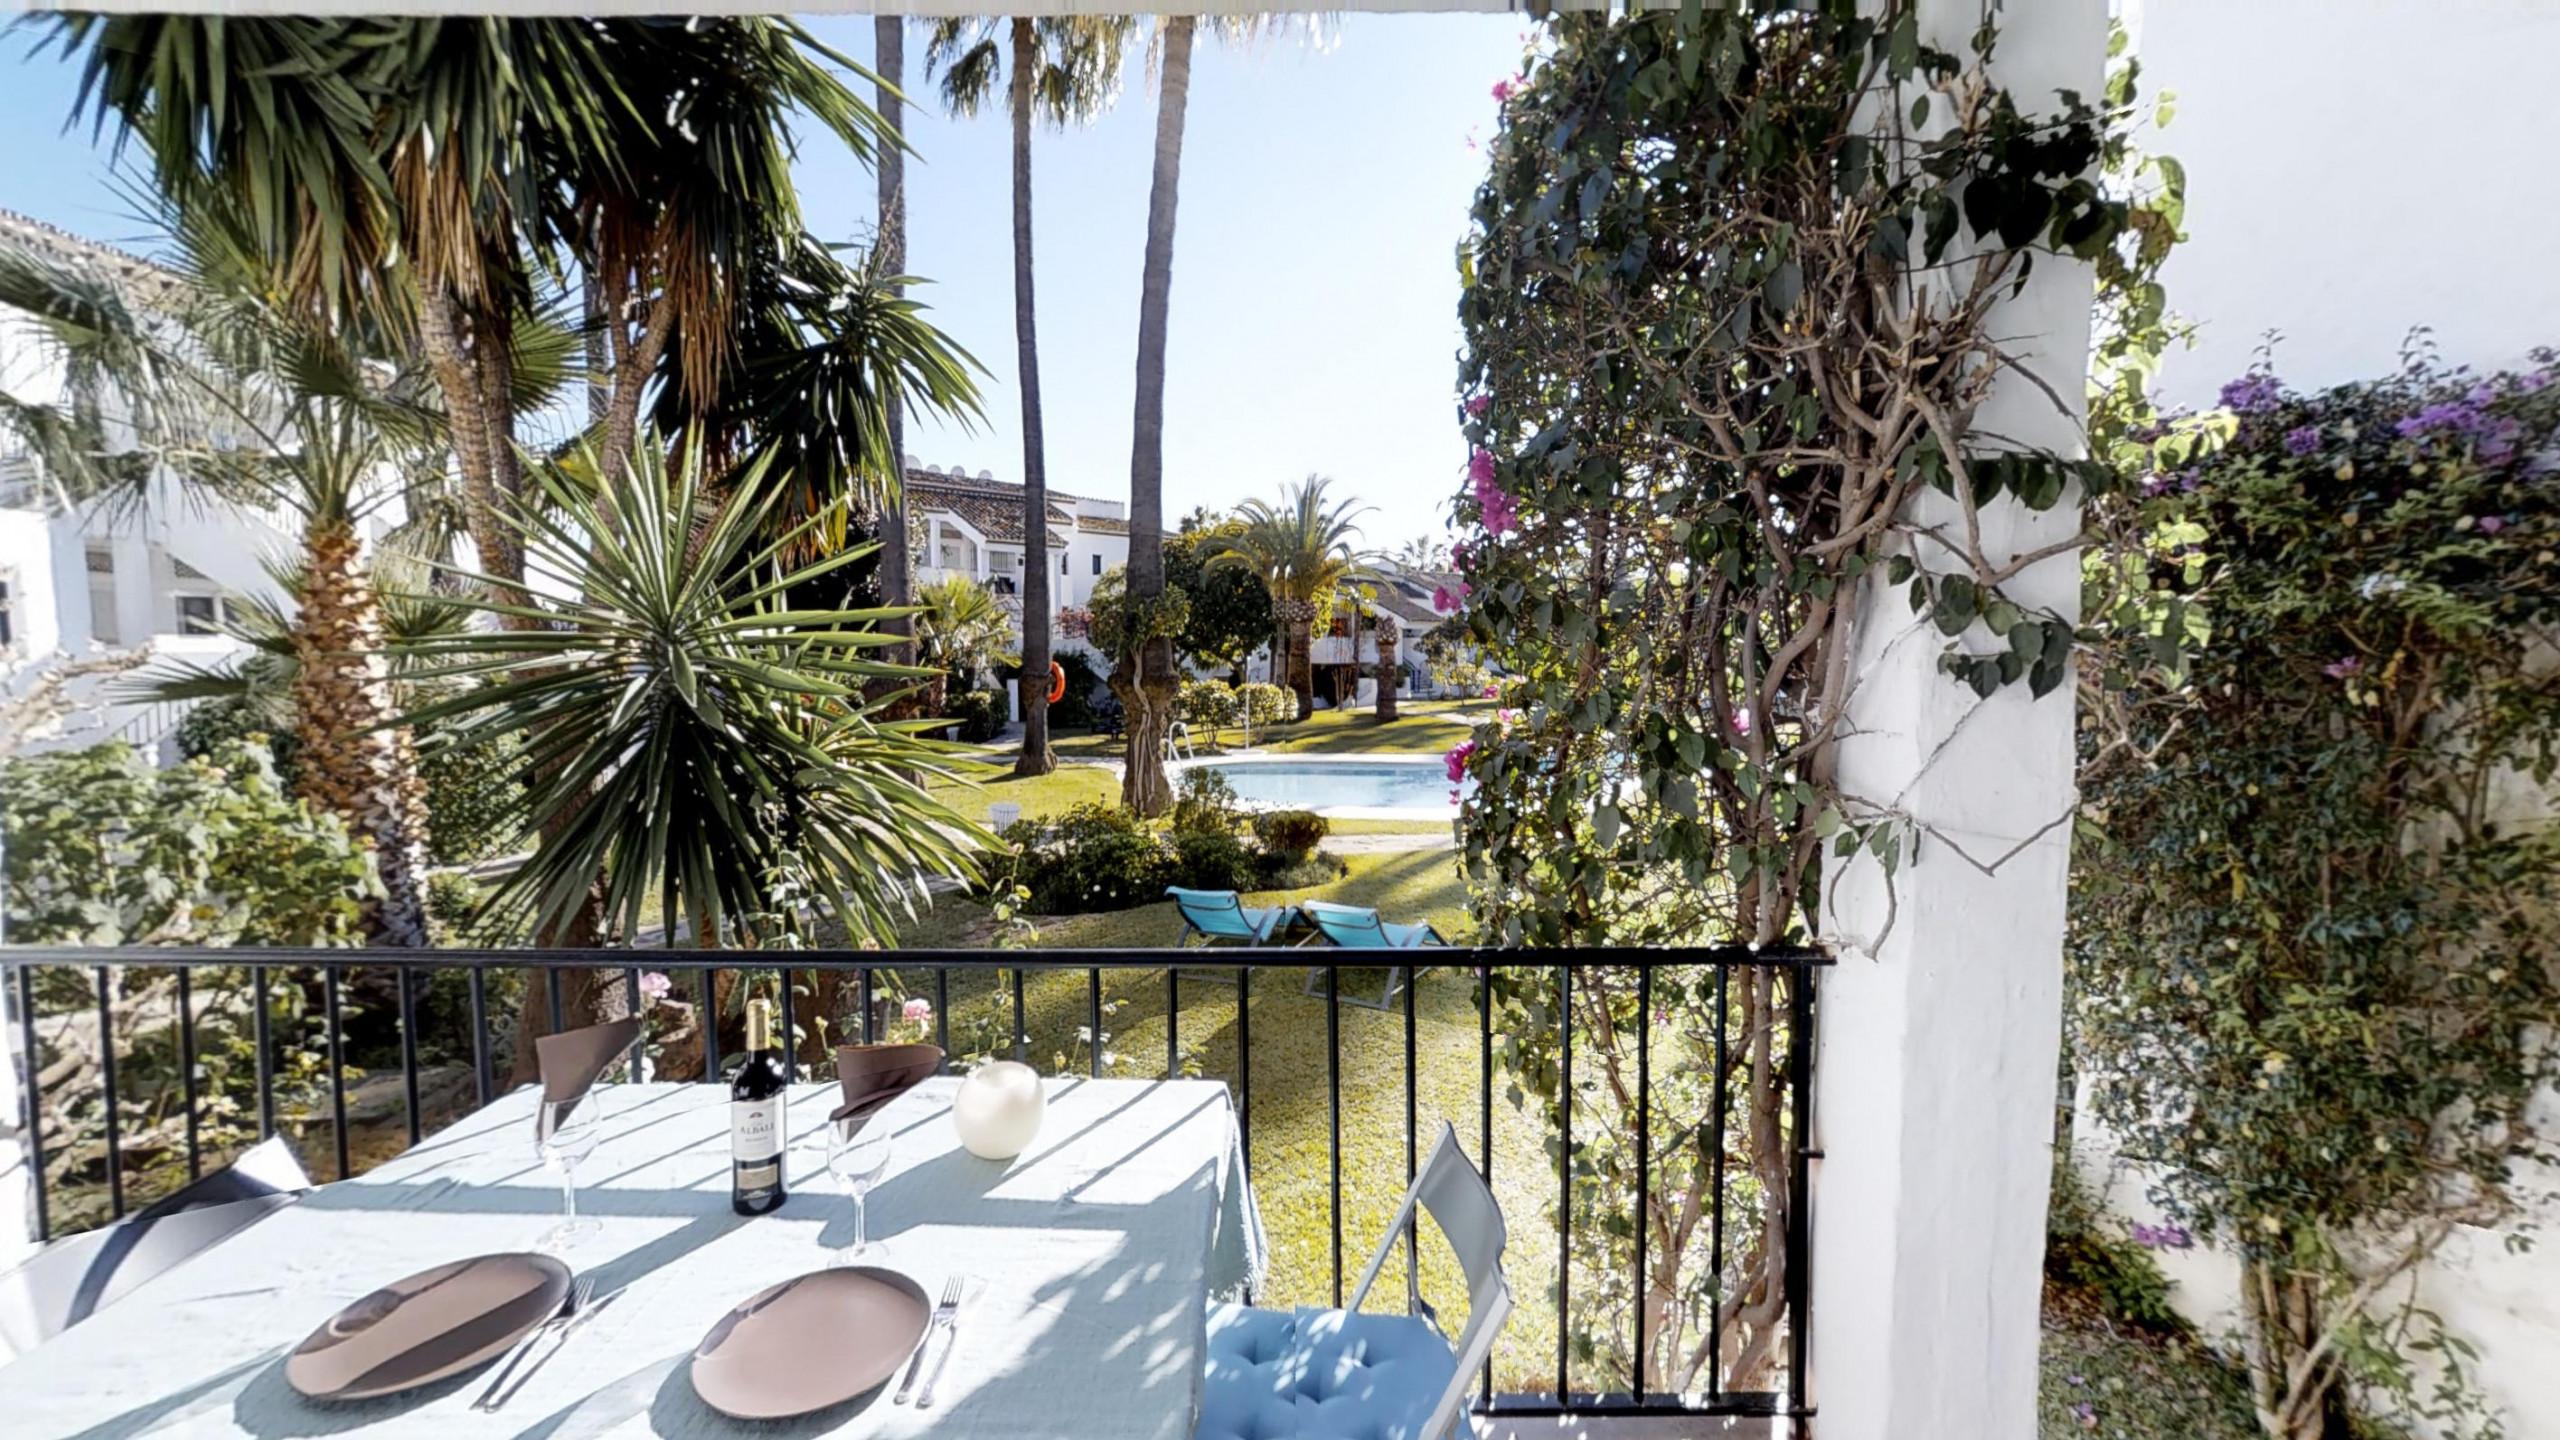 Villa Apartment Marbella 44,Marbella,Costa del Sol #2